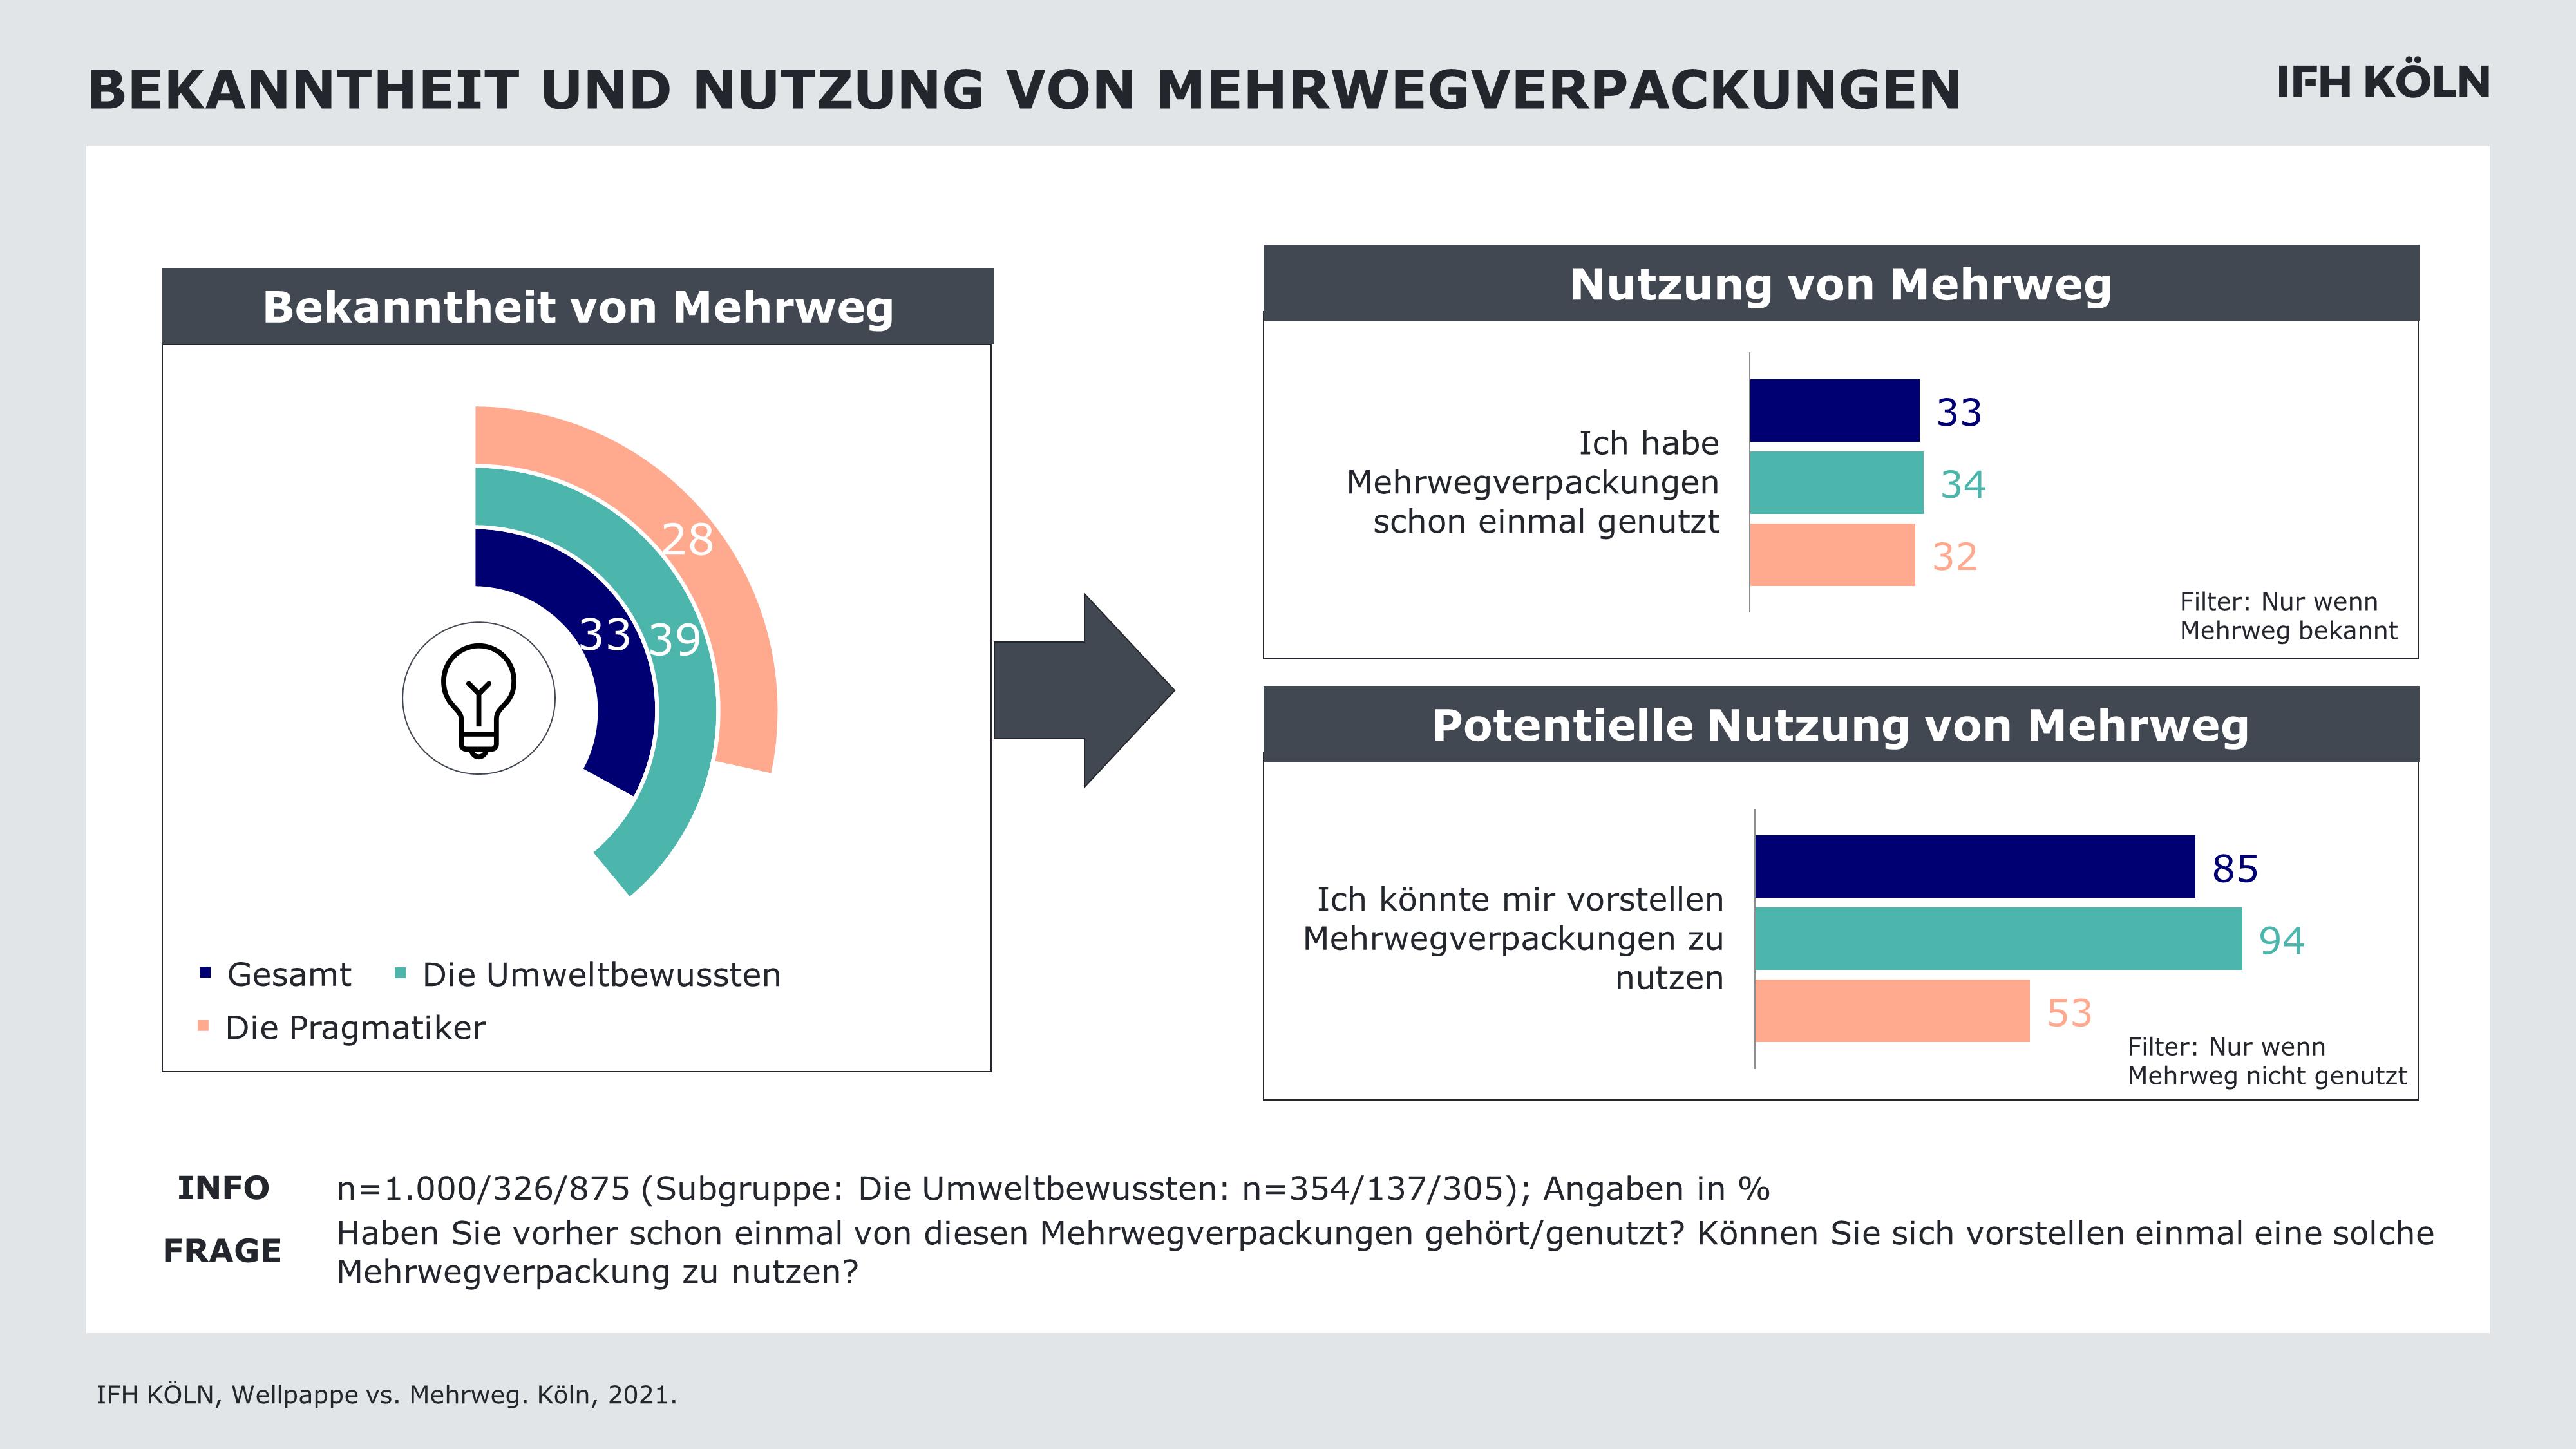 Bekanntheit und Nutzung von Mehrwegverpackungen